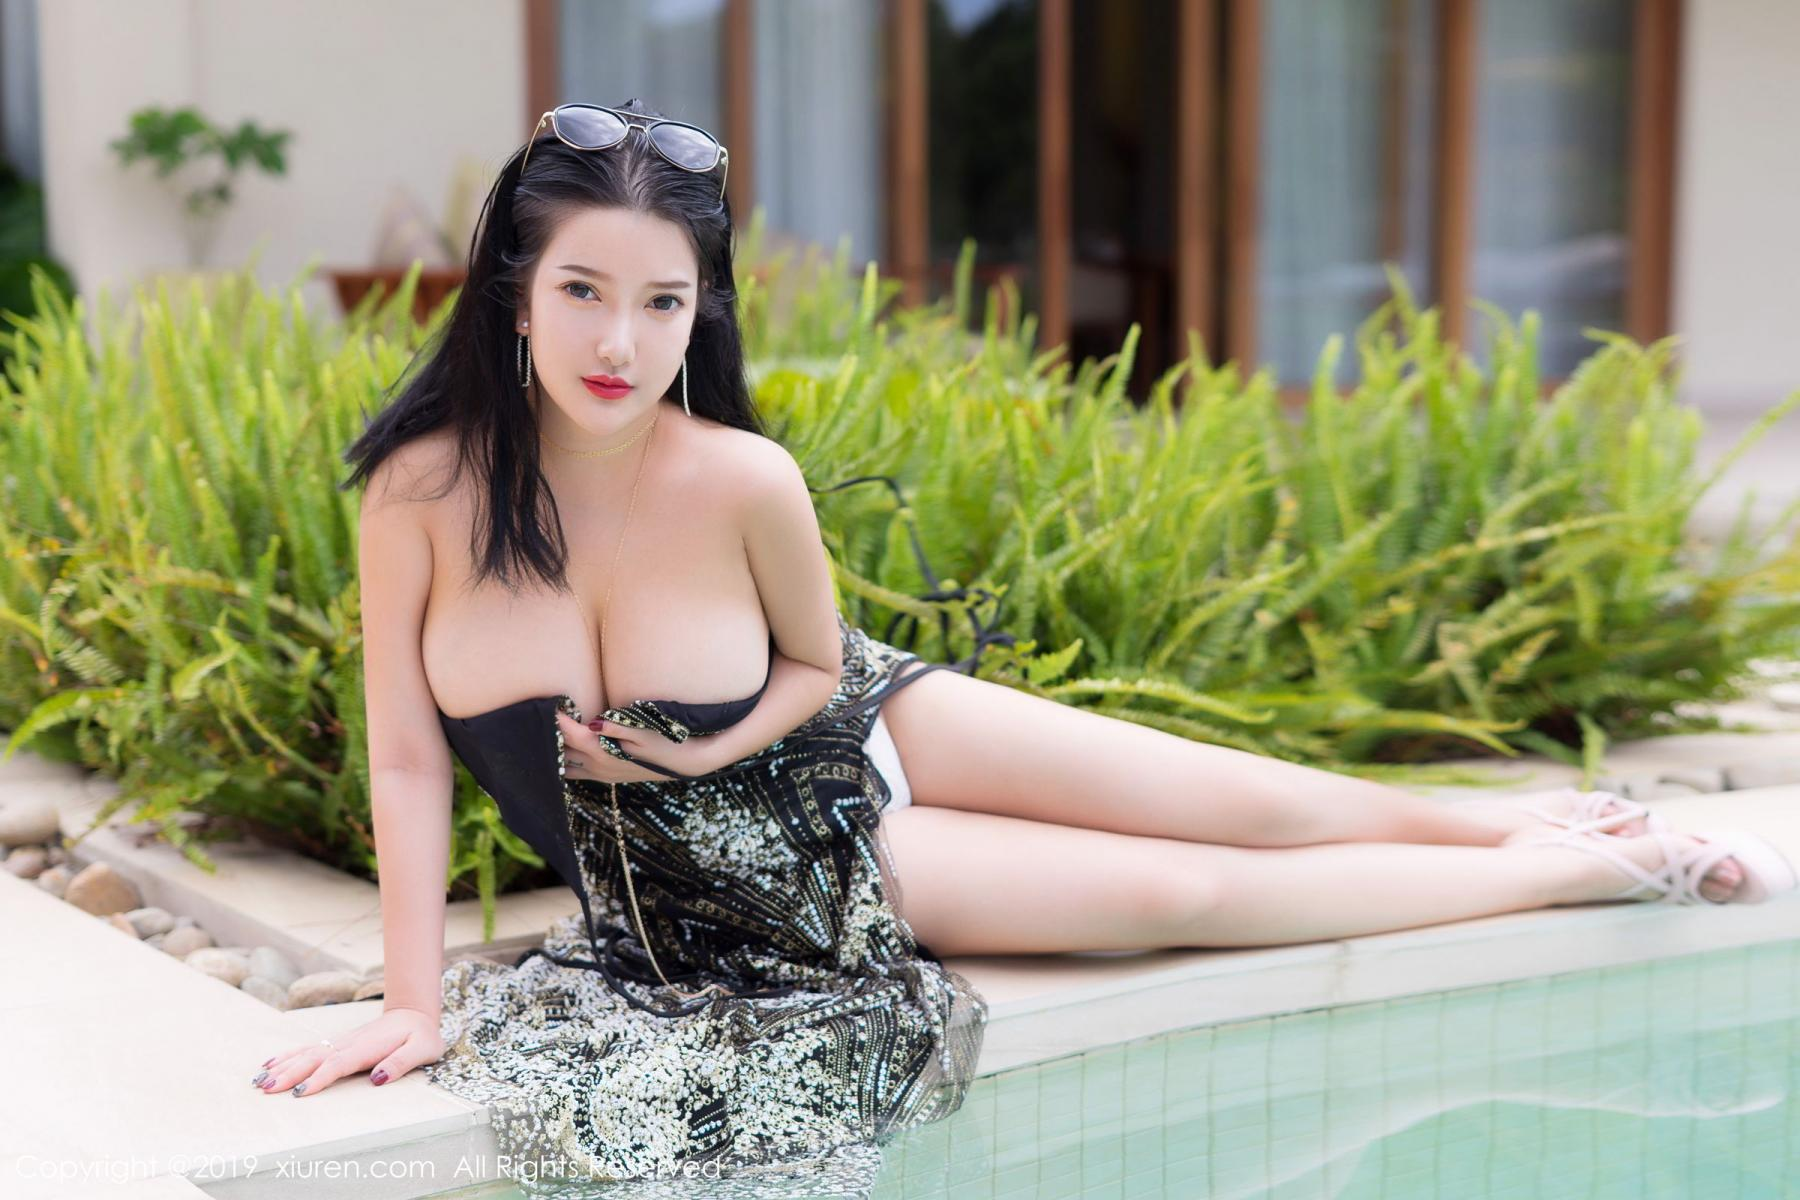 [XiuRen] Vol.1726 Lu Lu Xiao Miao 22P, Lu Lu Xiao Miao, Outdoor, Swim Pool, Xiuren